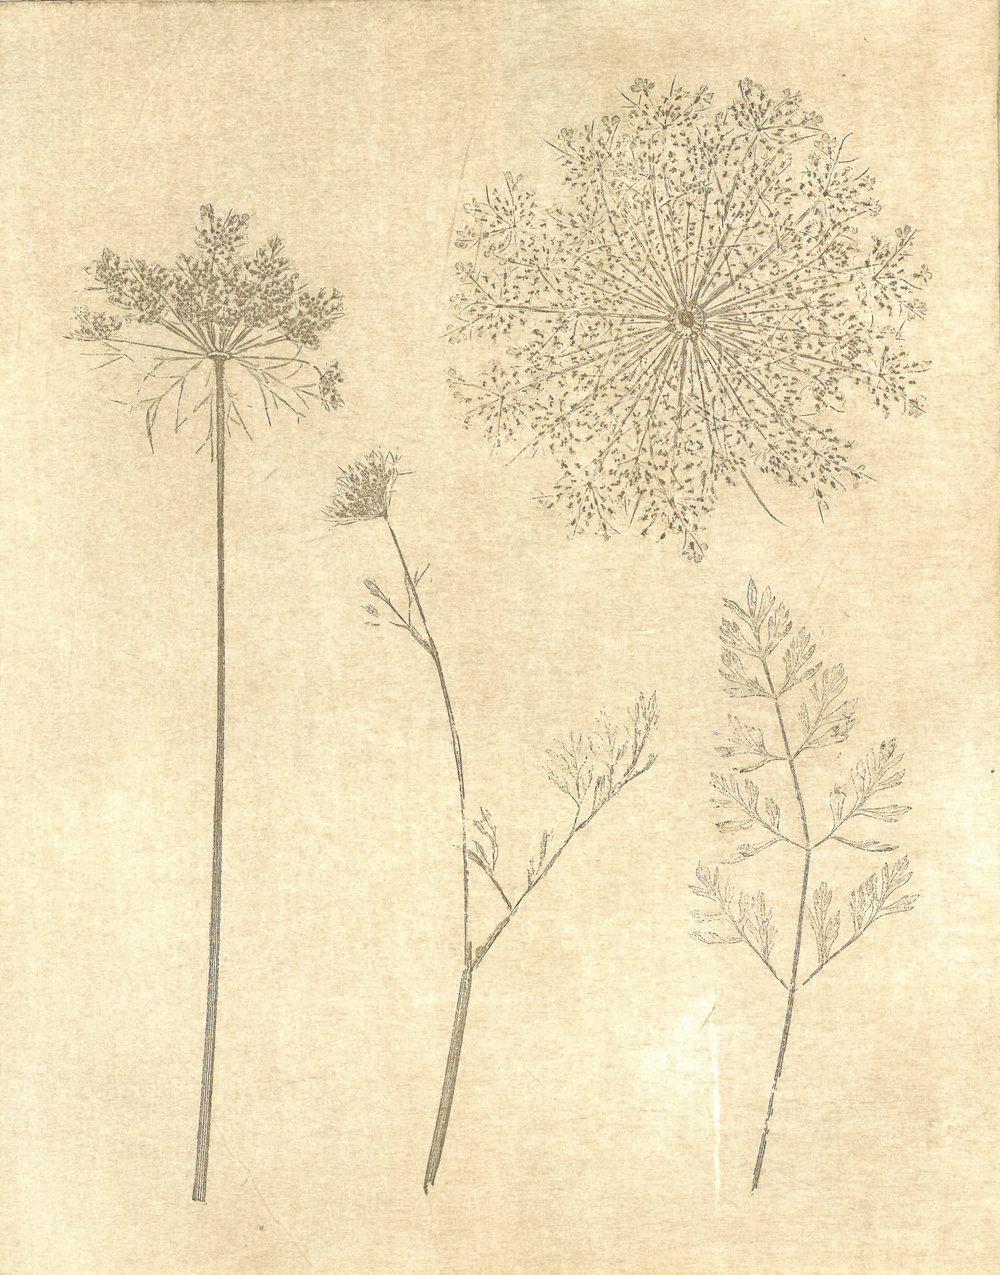 - Daucus carotaBird's nest*Bishop's laceCarrotFool's parsleyQueen Anne's lace*Wild carrot*